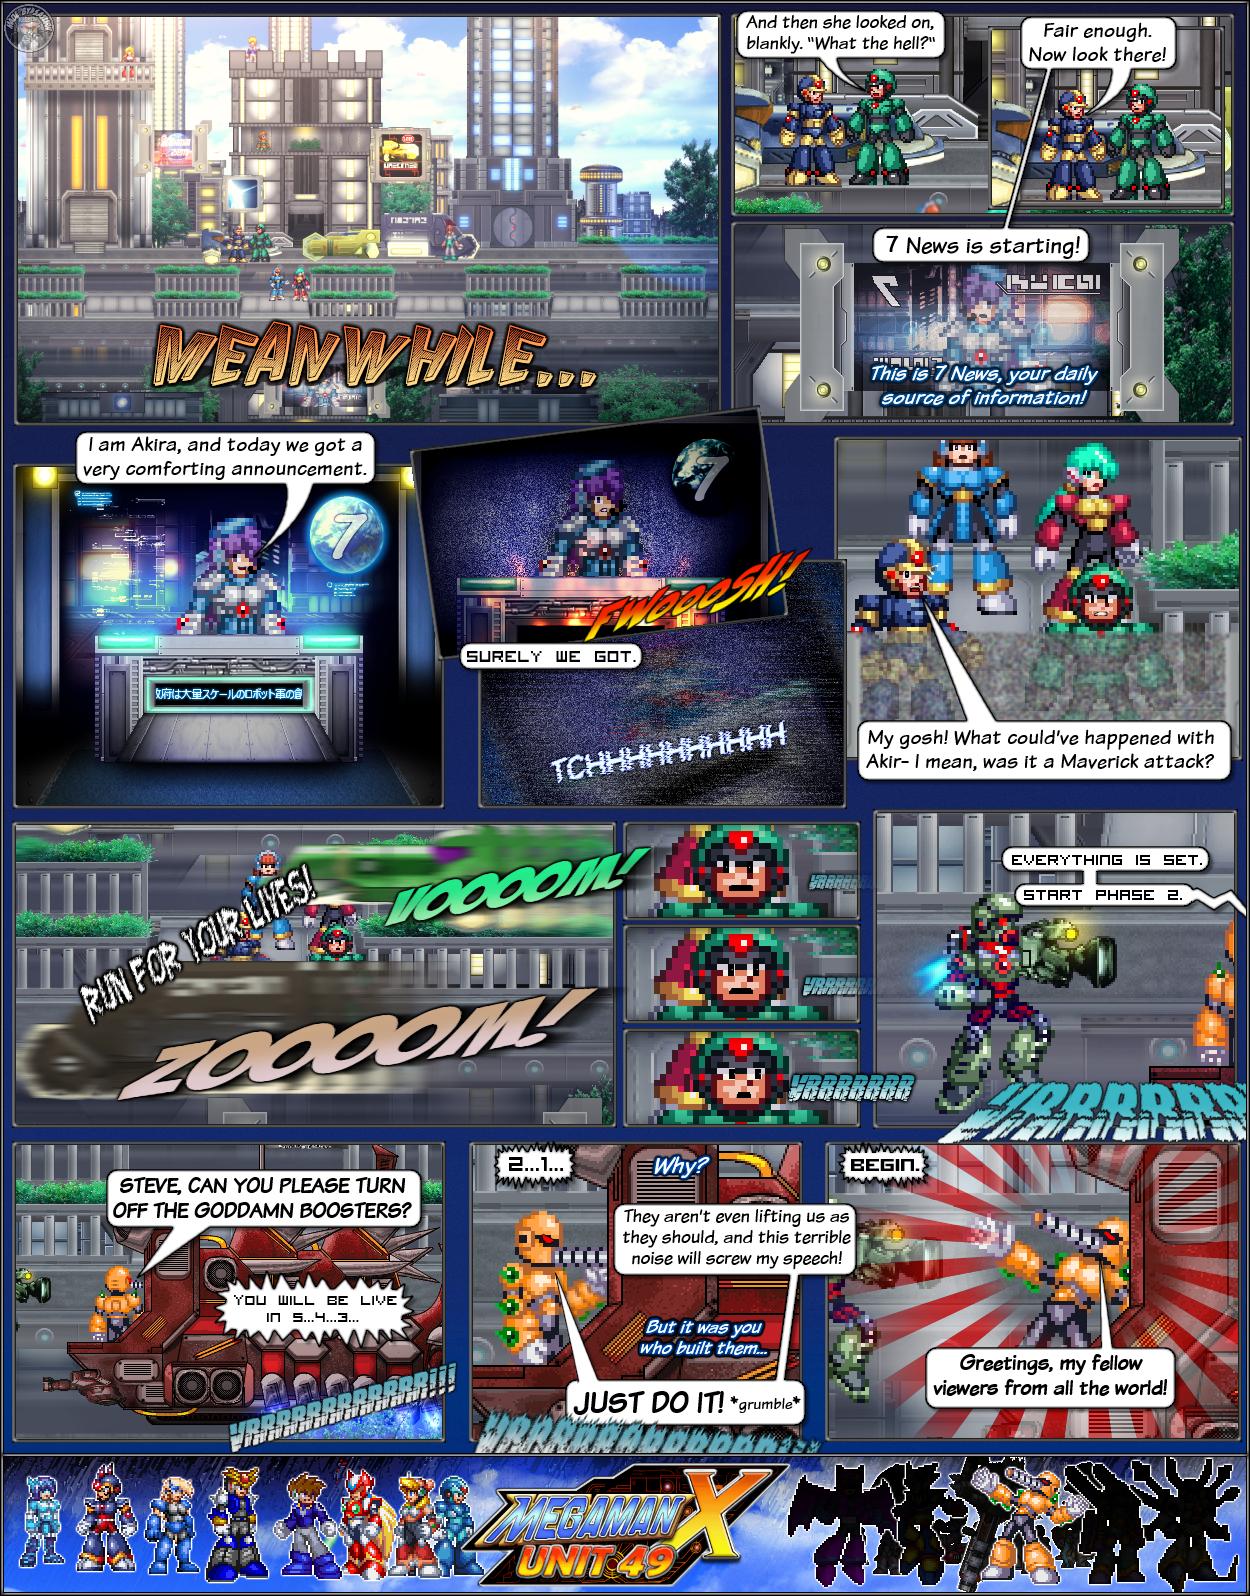 MMX:U49 - S1Ch4: Parade (Page 1) by IrregularSaturn